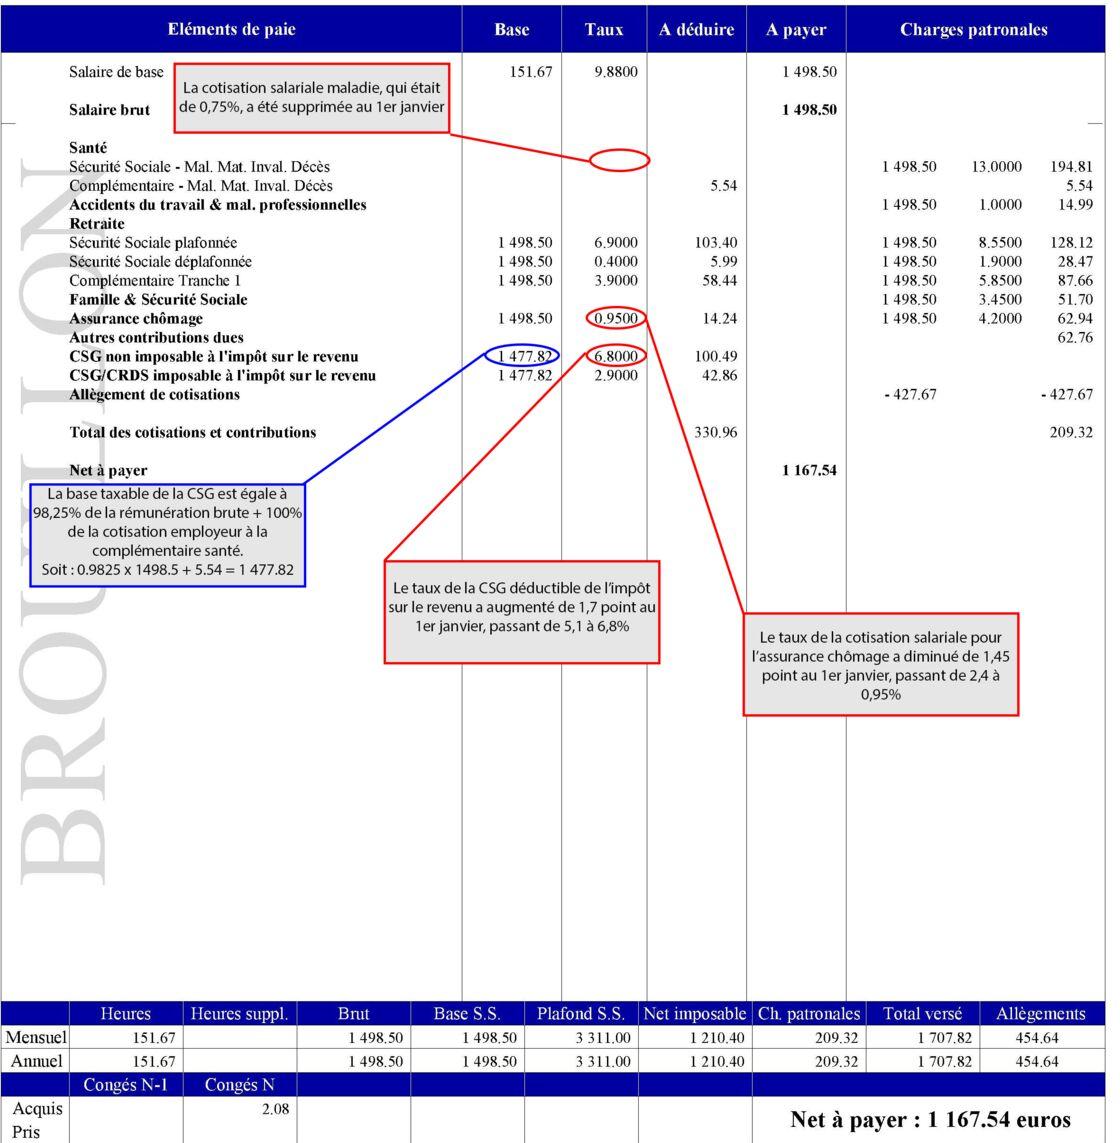 calcul+salaire+brut+net+impots